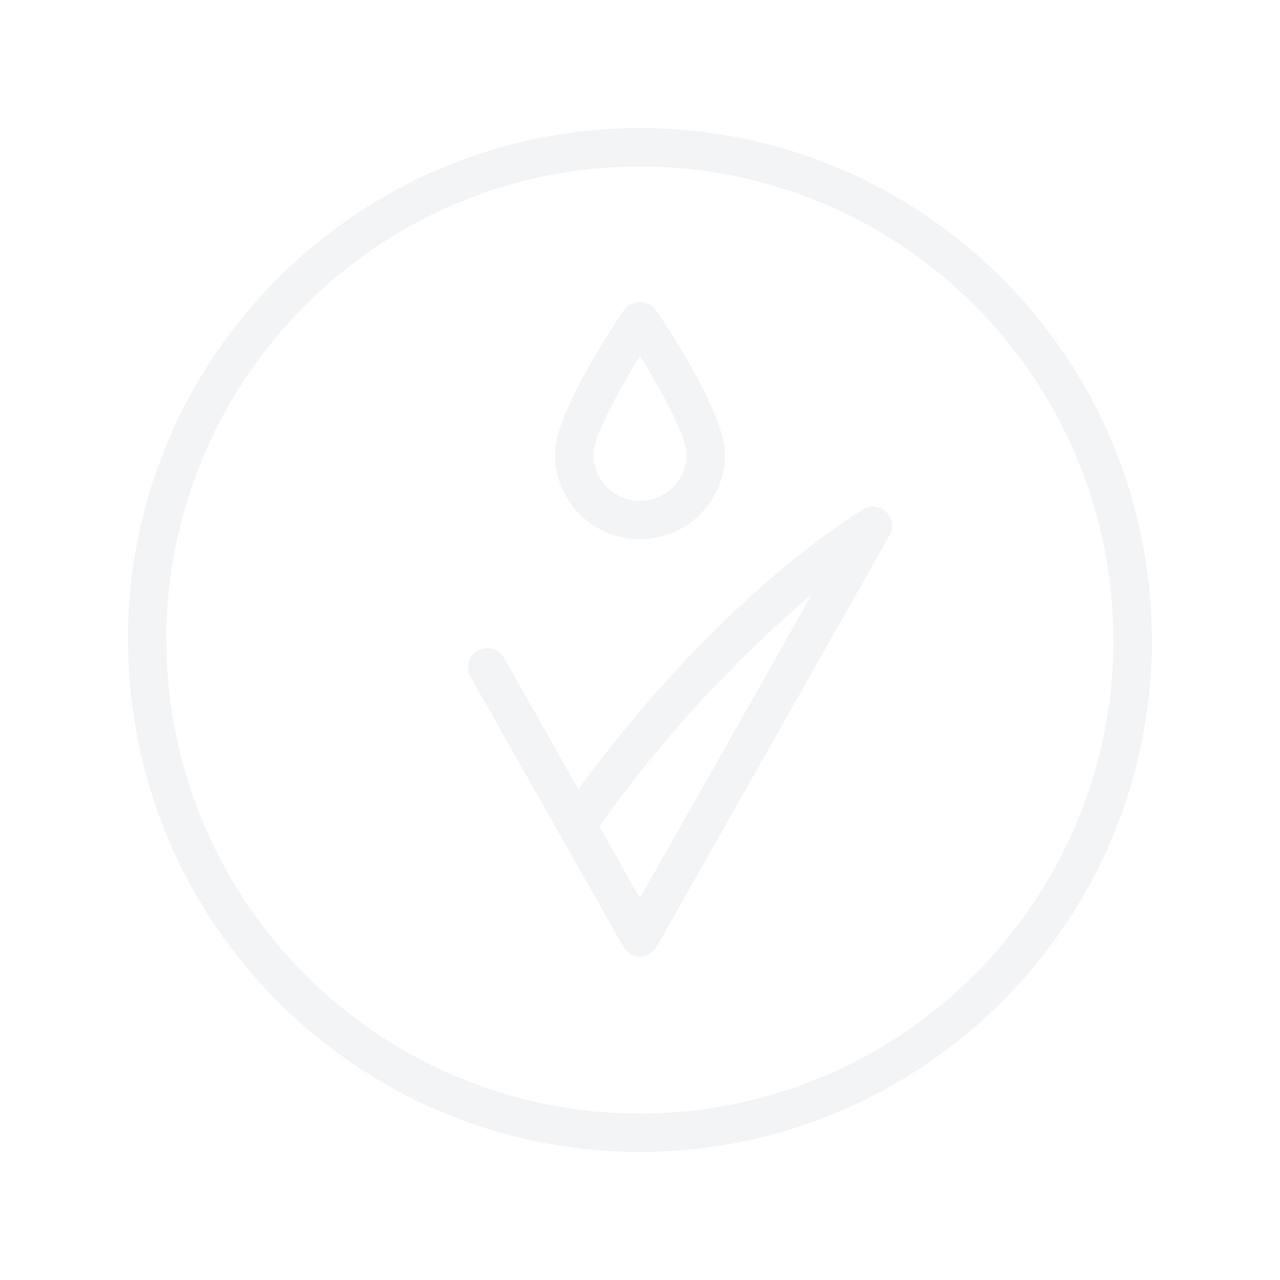 THIERRY MUGLER Aura 50ml Eau De Parfum Gift Set